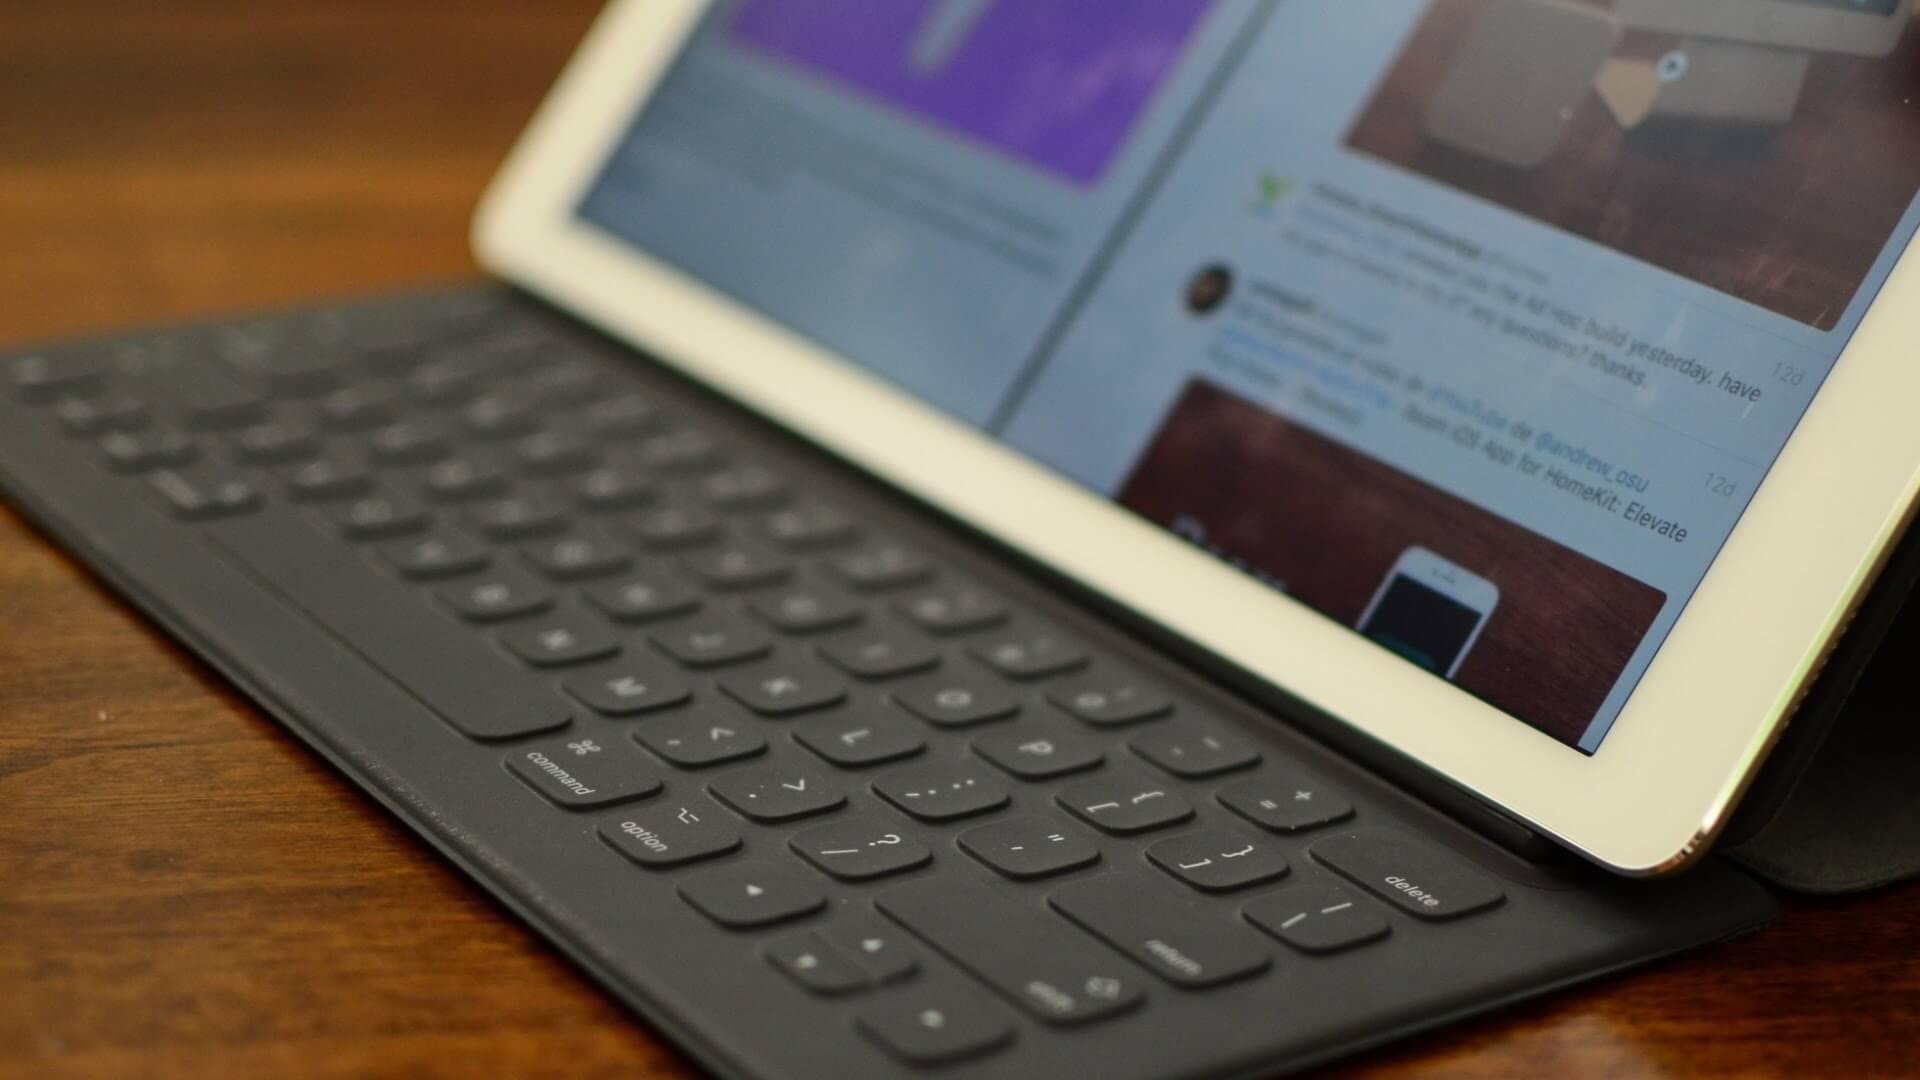 Как может выглядеть новая клавиатура iPad